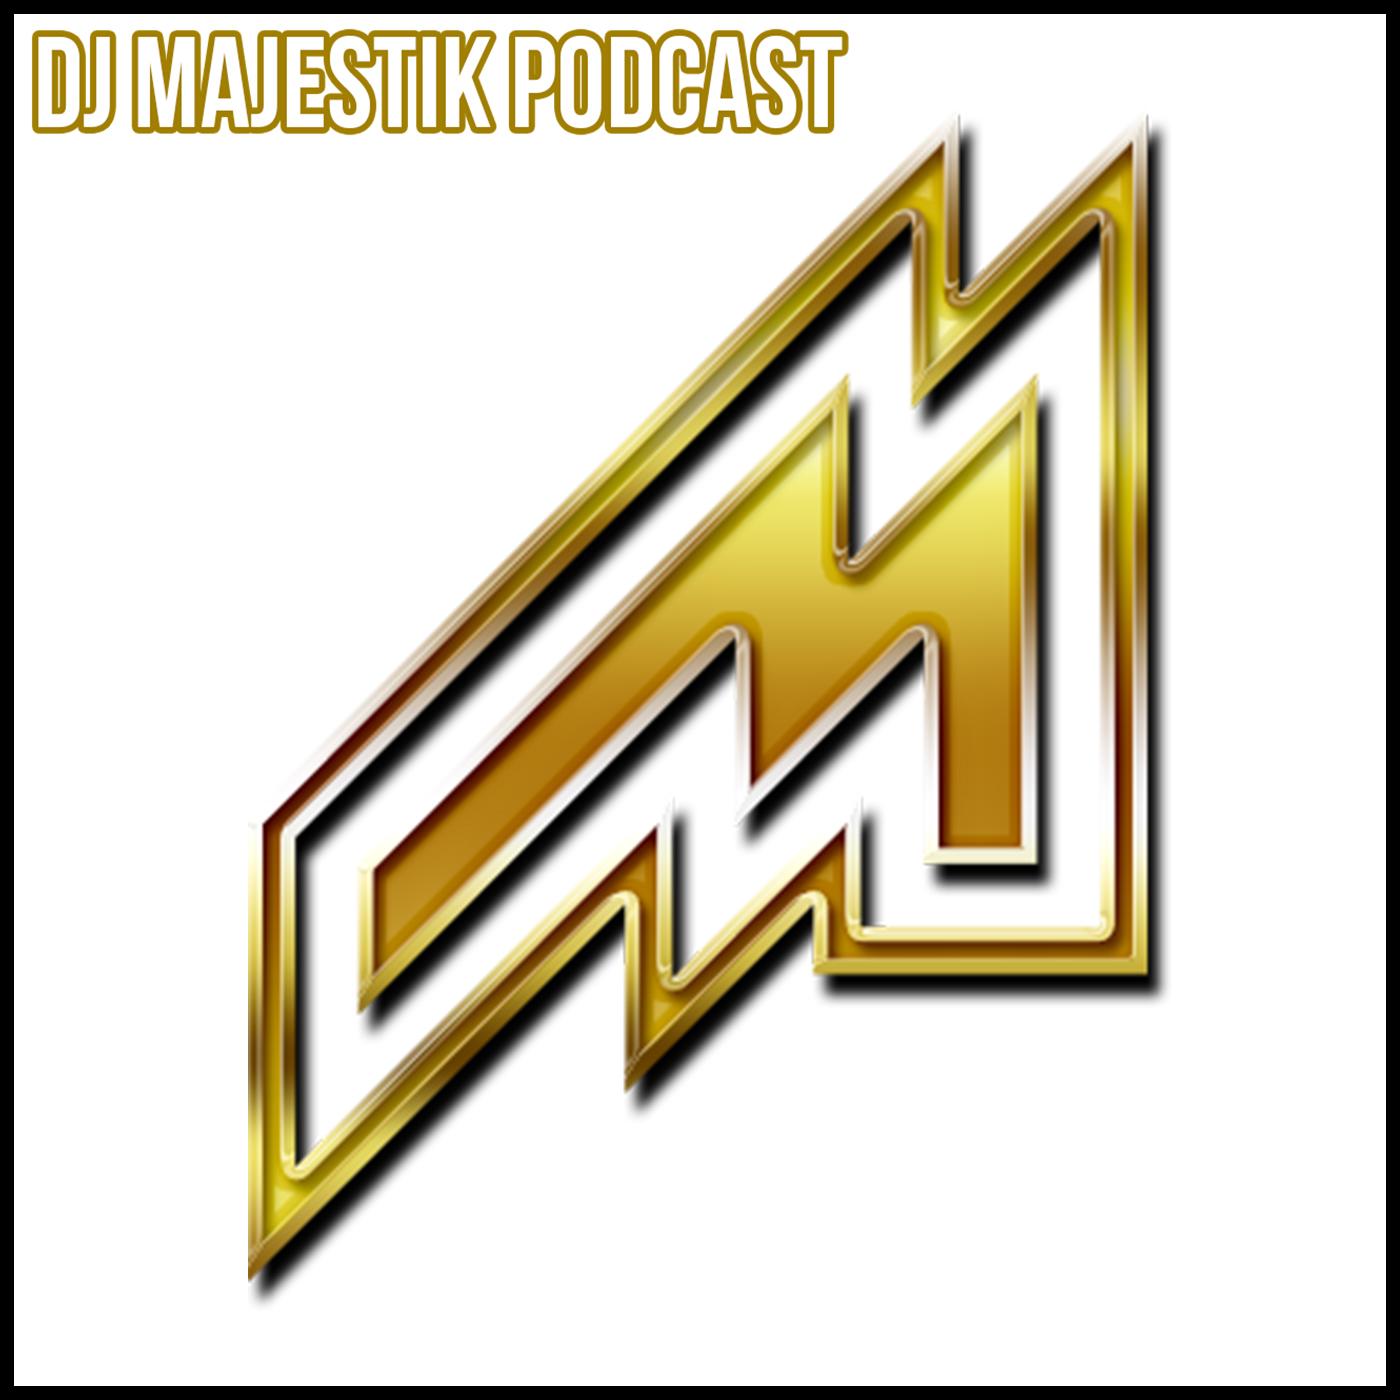 4 - Sirius XM Pitbull's Globalization Mix 12 04 17 DJ Majestik Mixes